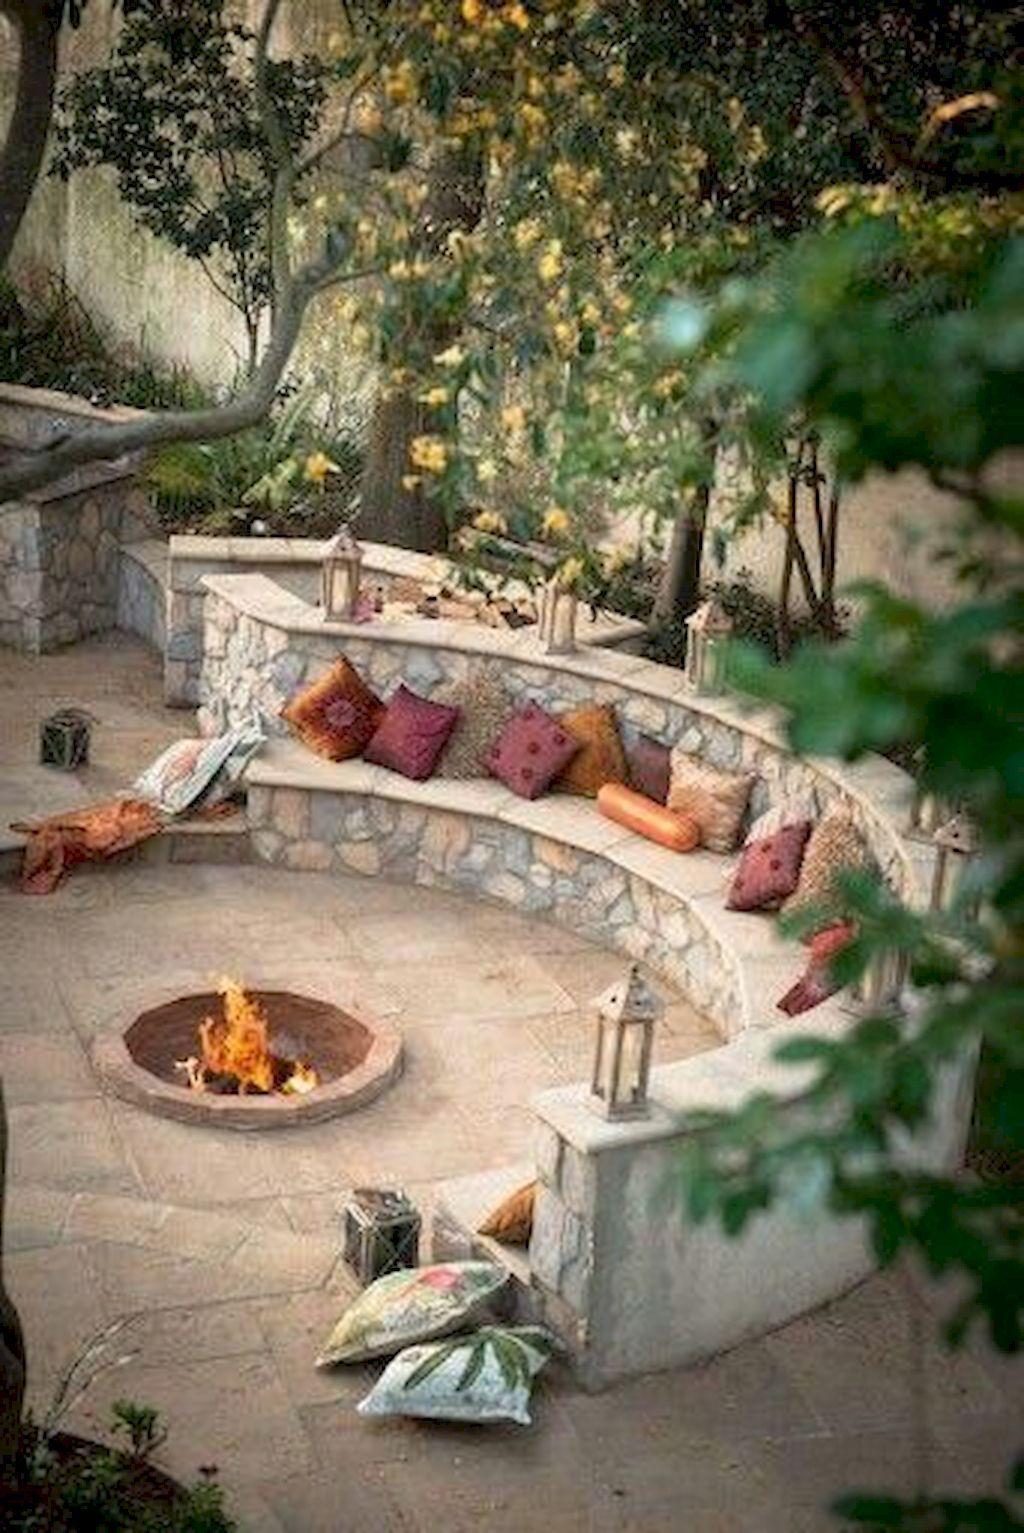 70 Ideen für eine einfache DIY-Feuerstelle im Freien und einen gemütlichen Sitzbereich